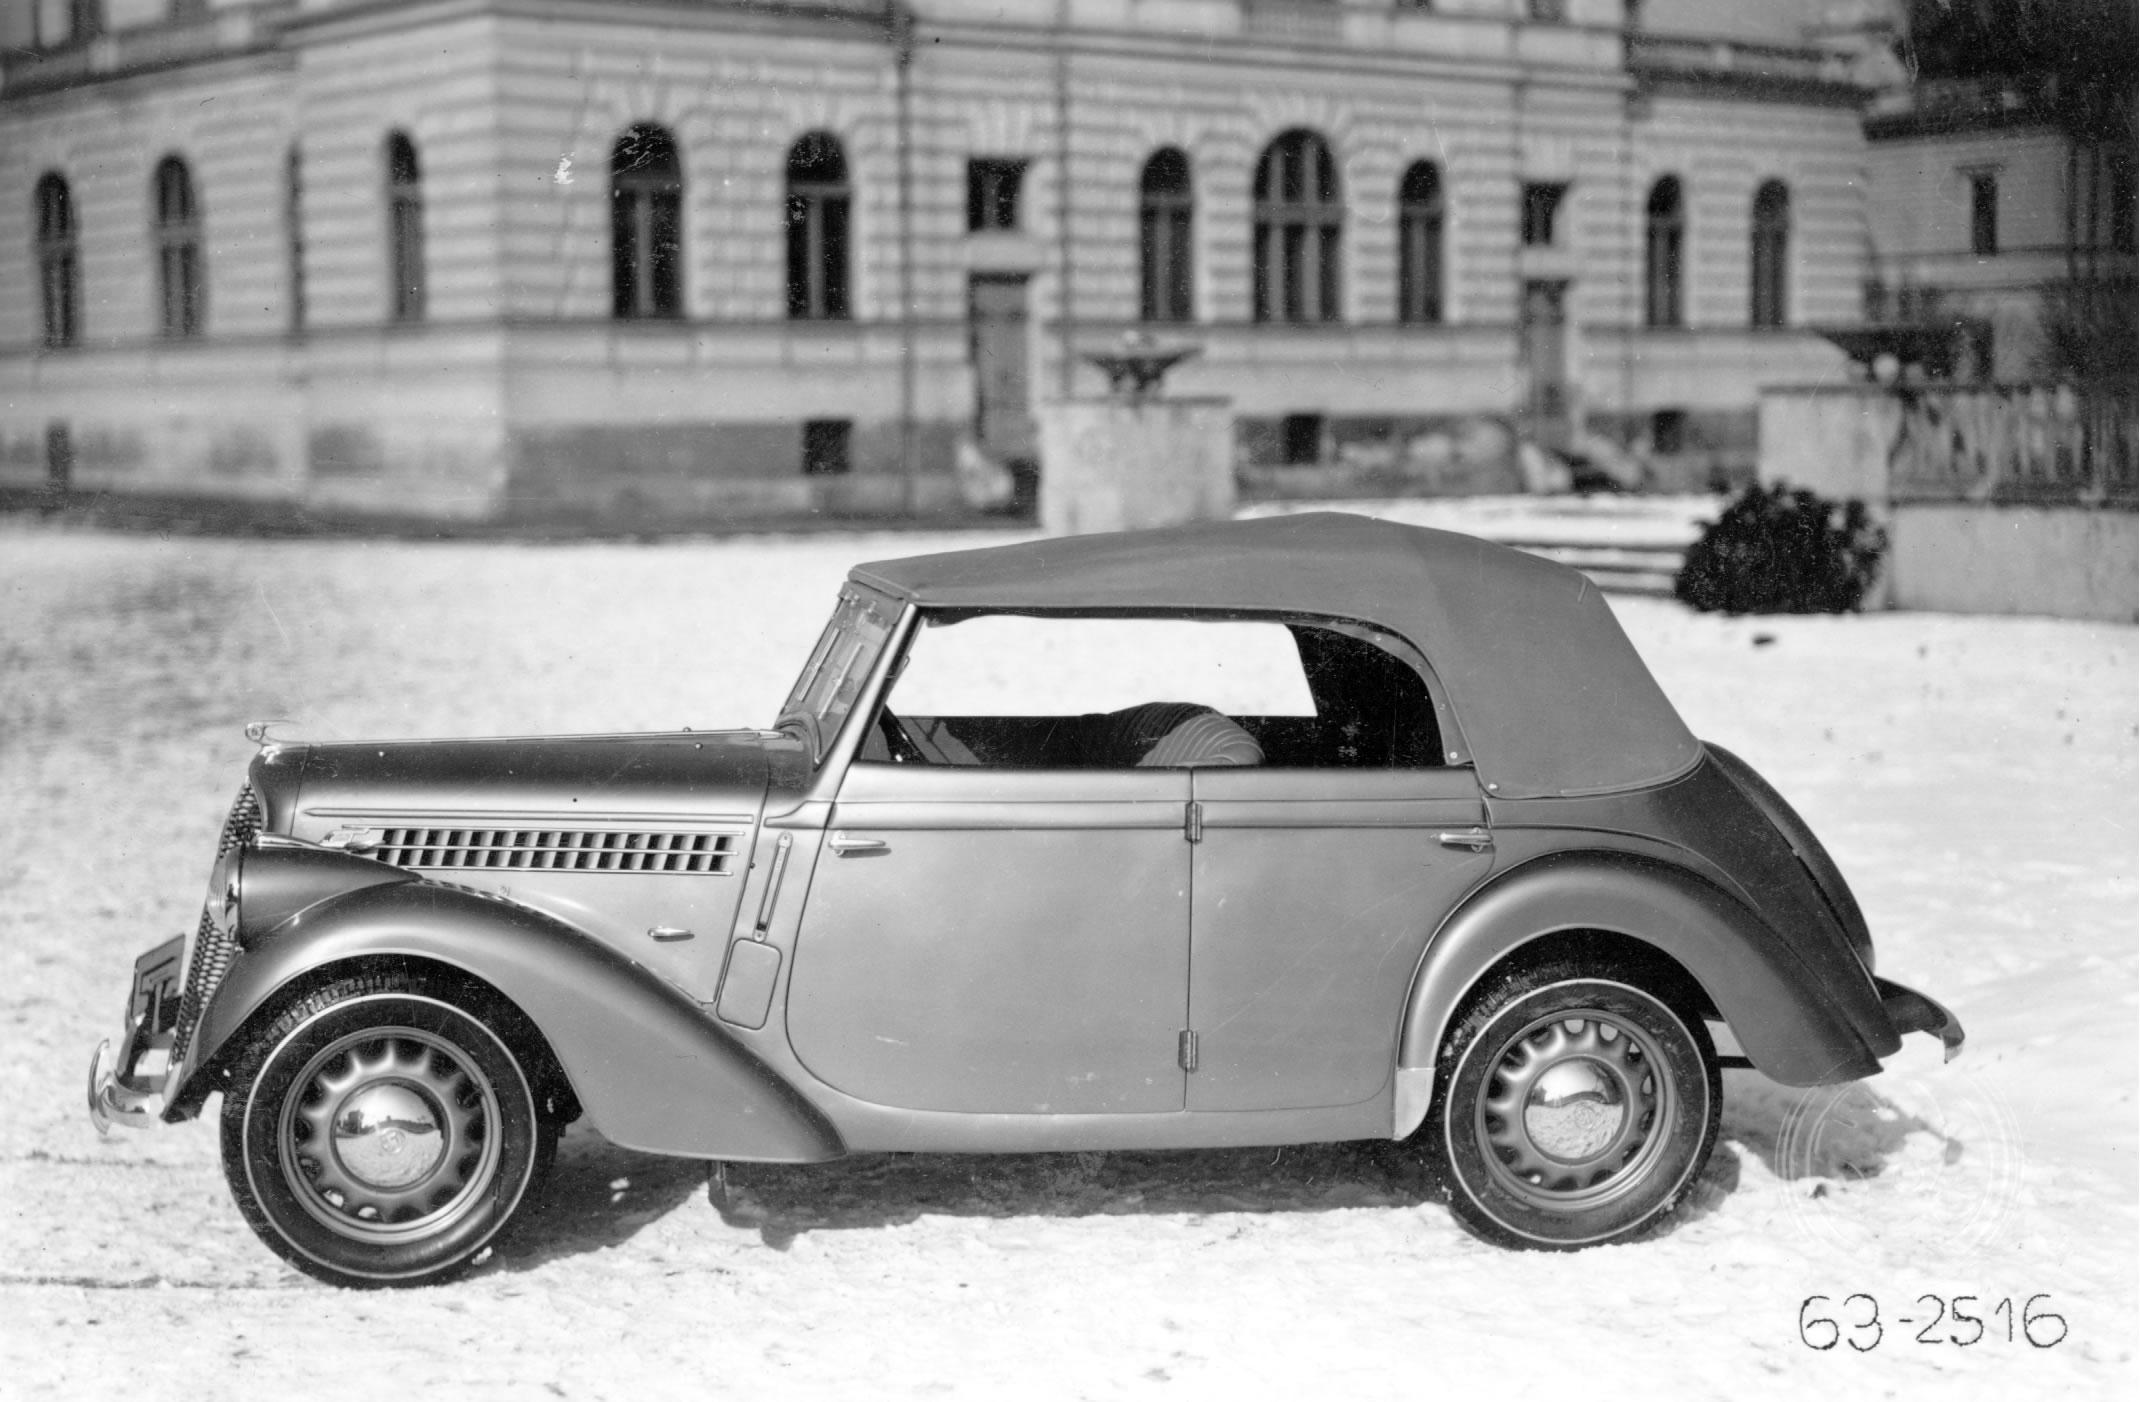 skoda-rapid-type-914-autoaddikt